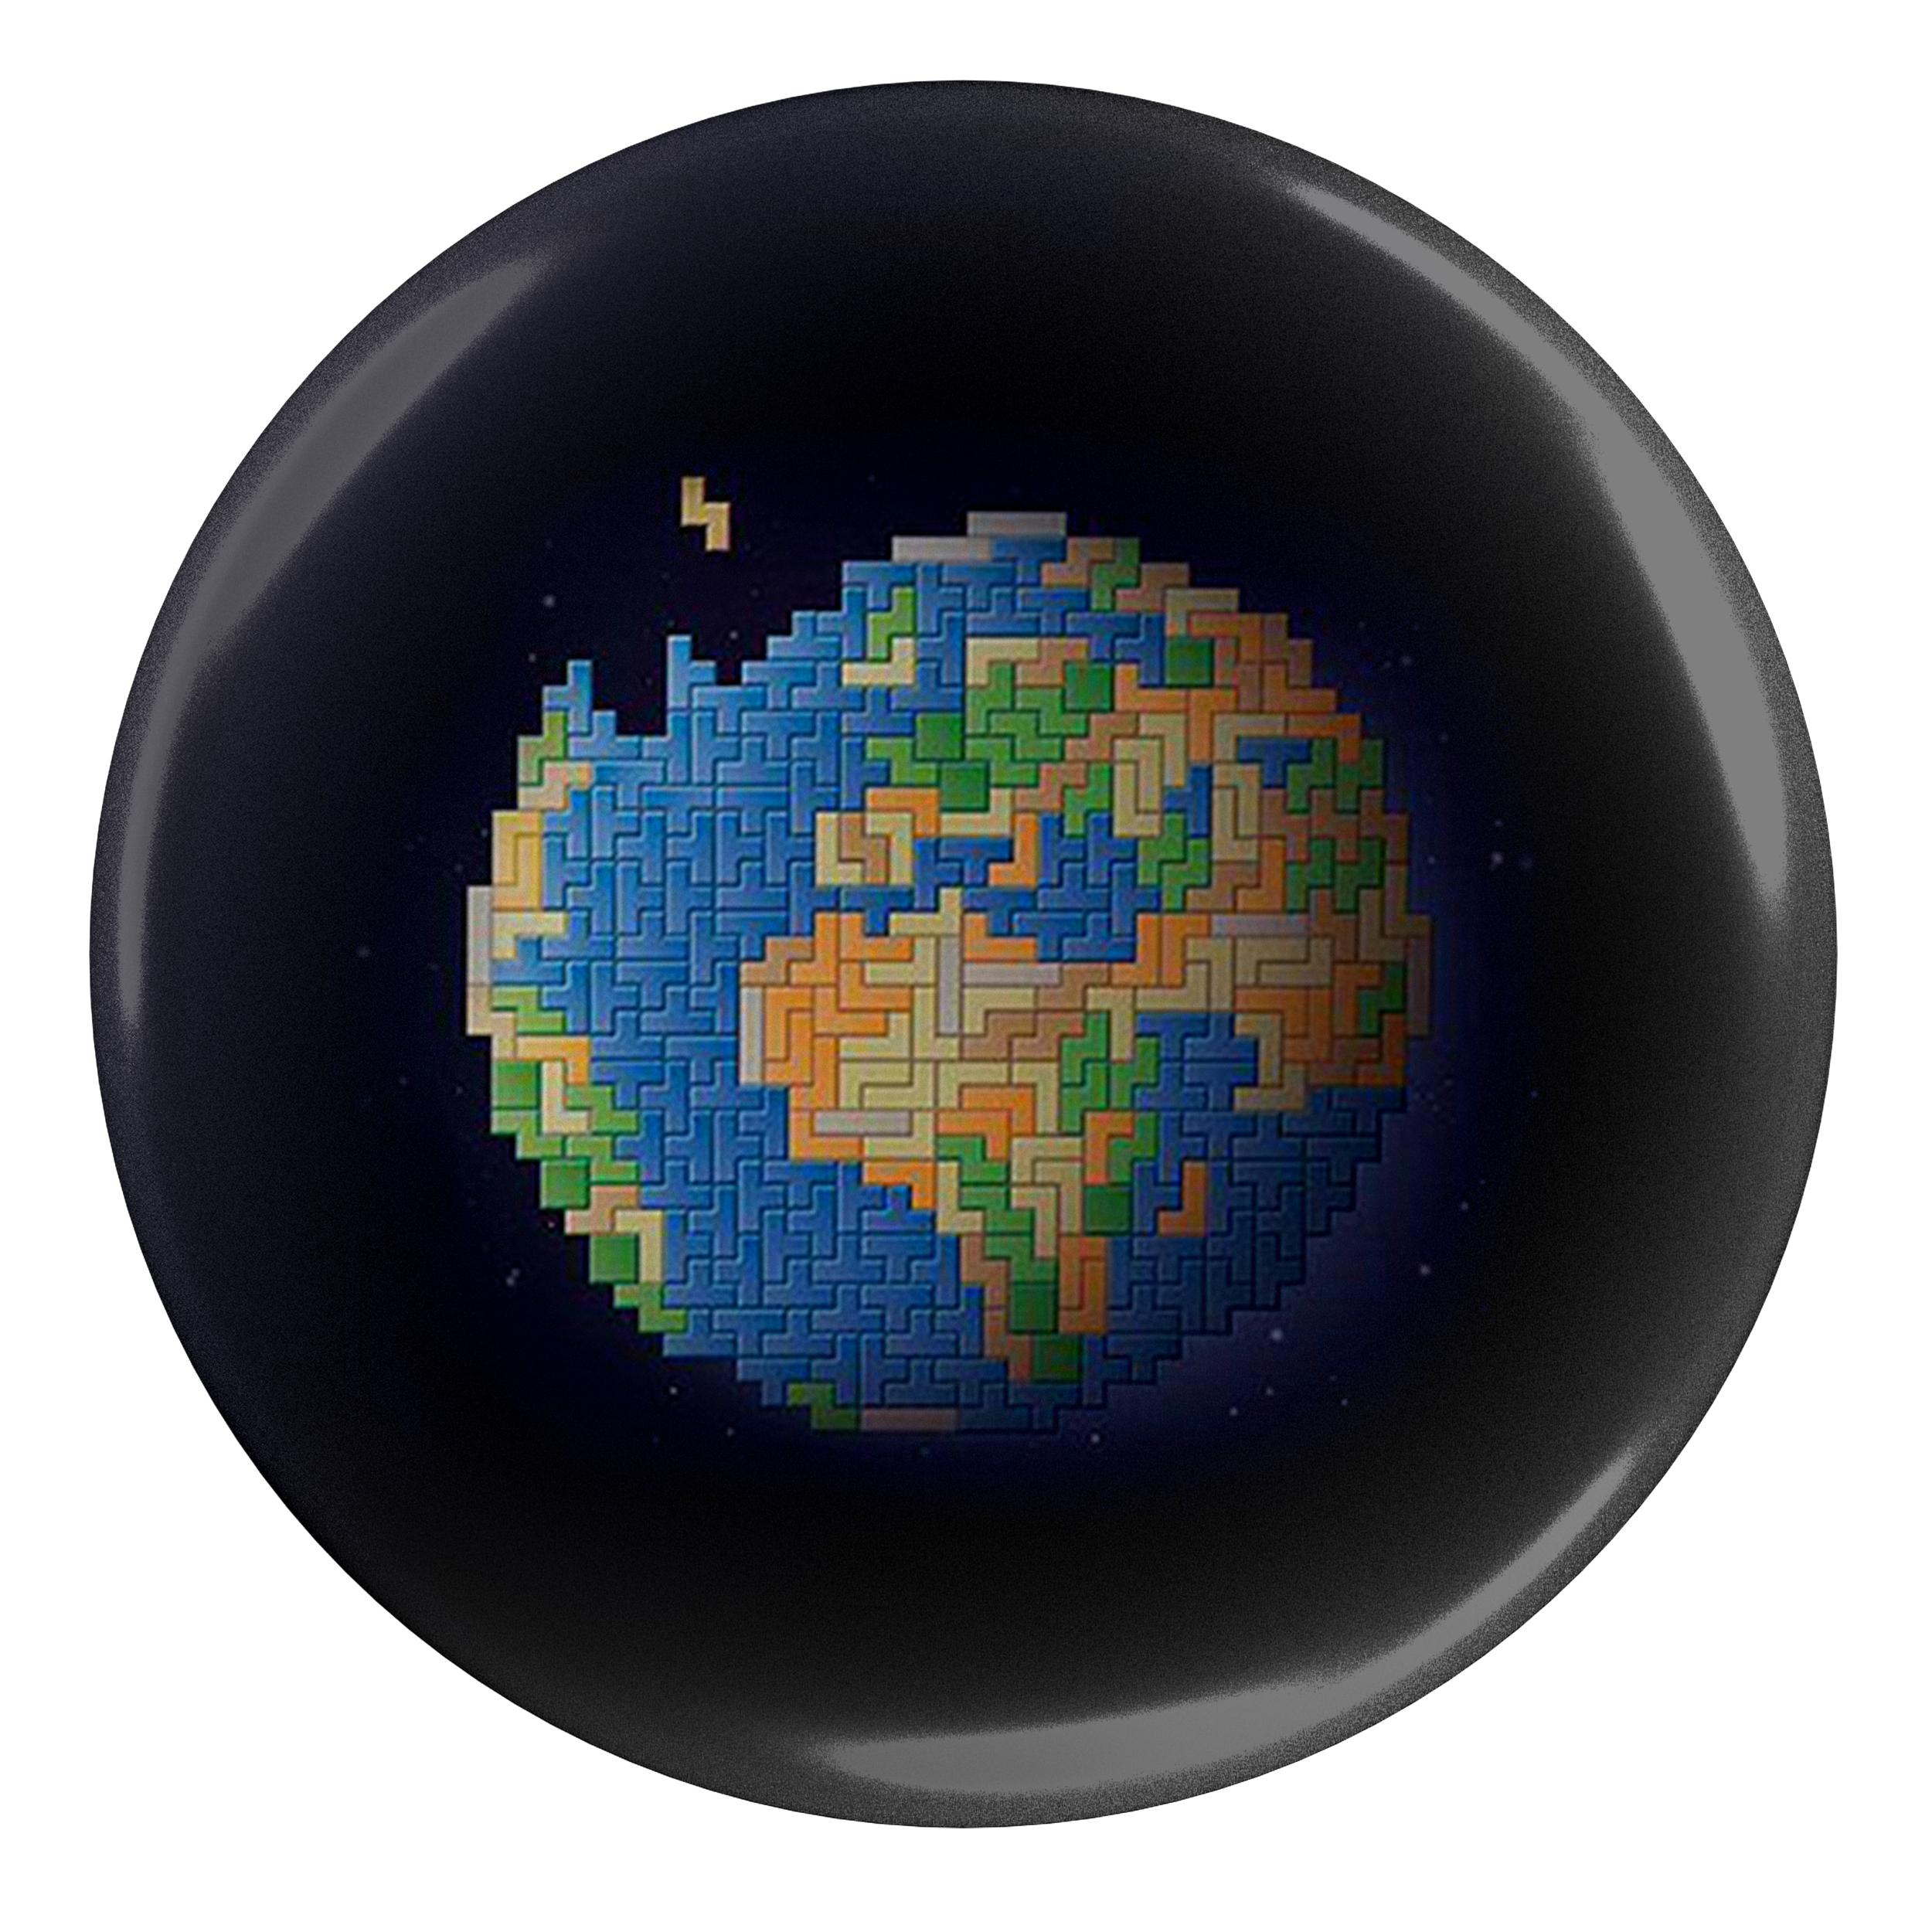 پیکسل طرح بازی خانه سازی و کره زمین مدل S1819